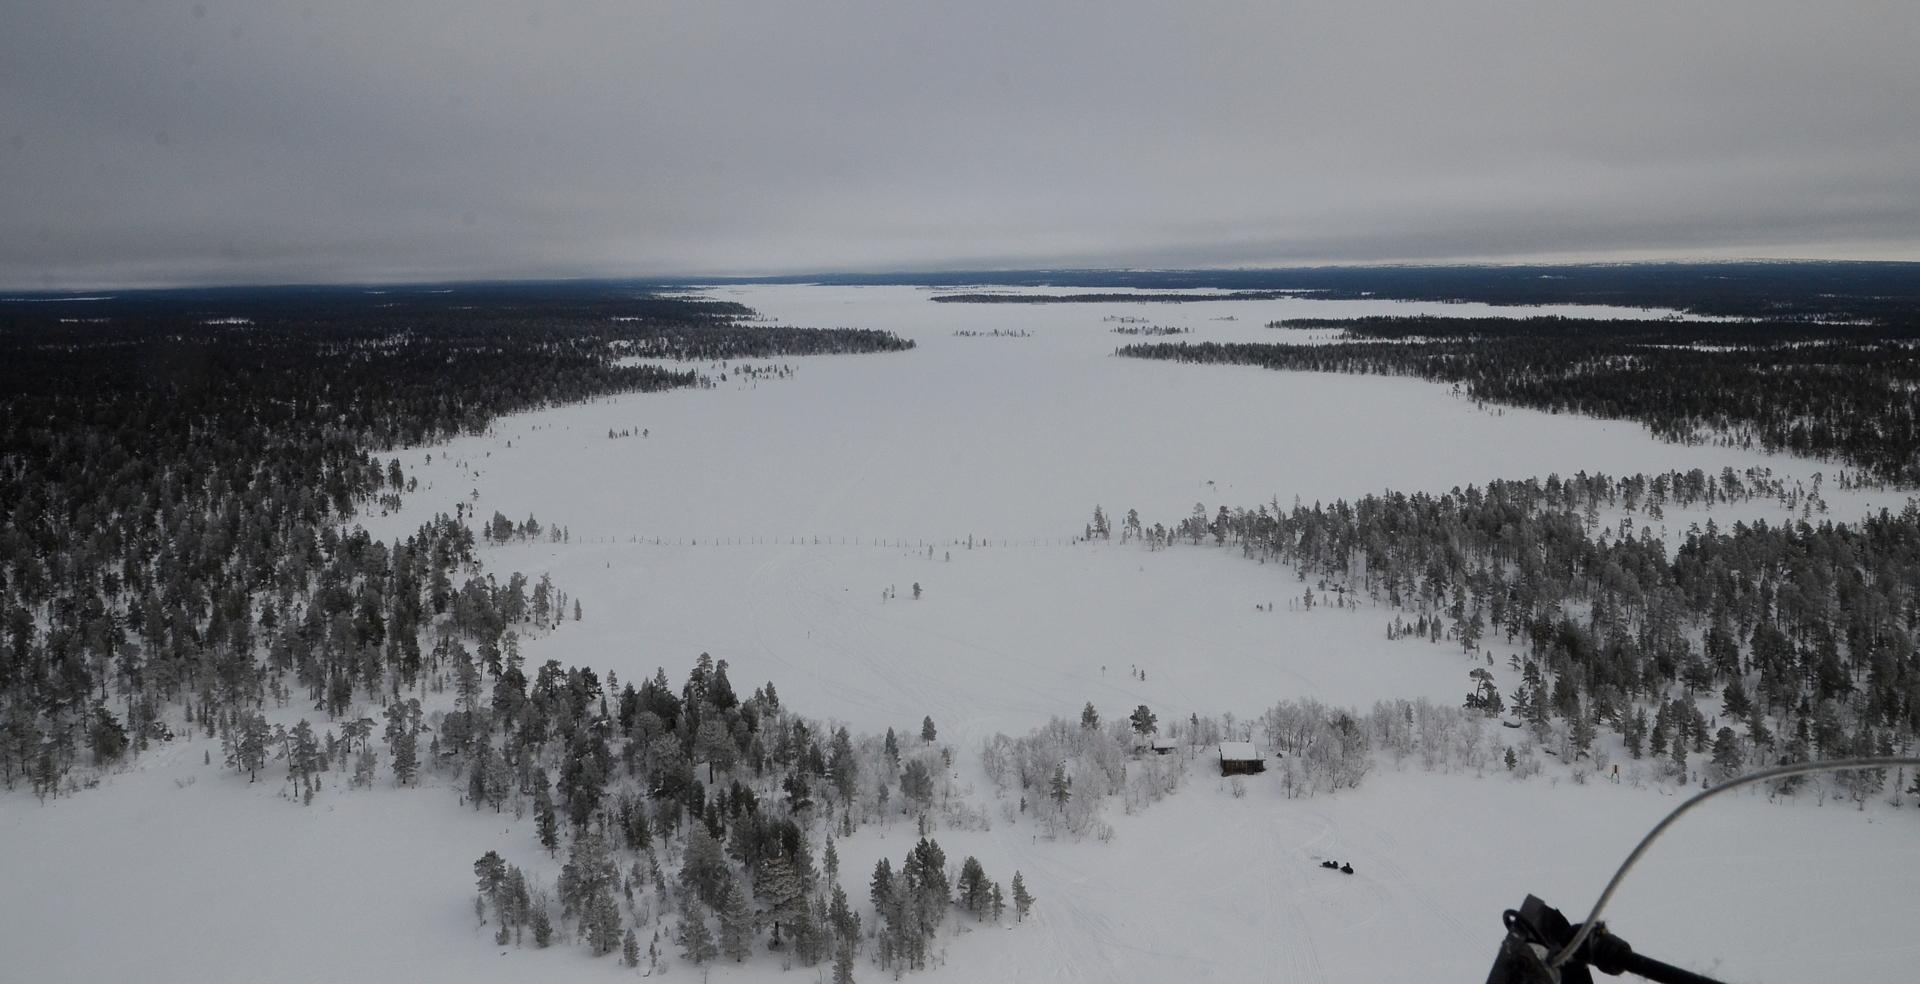 Onni oli kuitenkin myötä ja moottori lähti käyntiin. Suunta Sevettiin tuosta Suolisjärven yli.